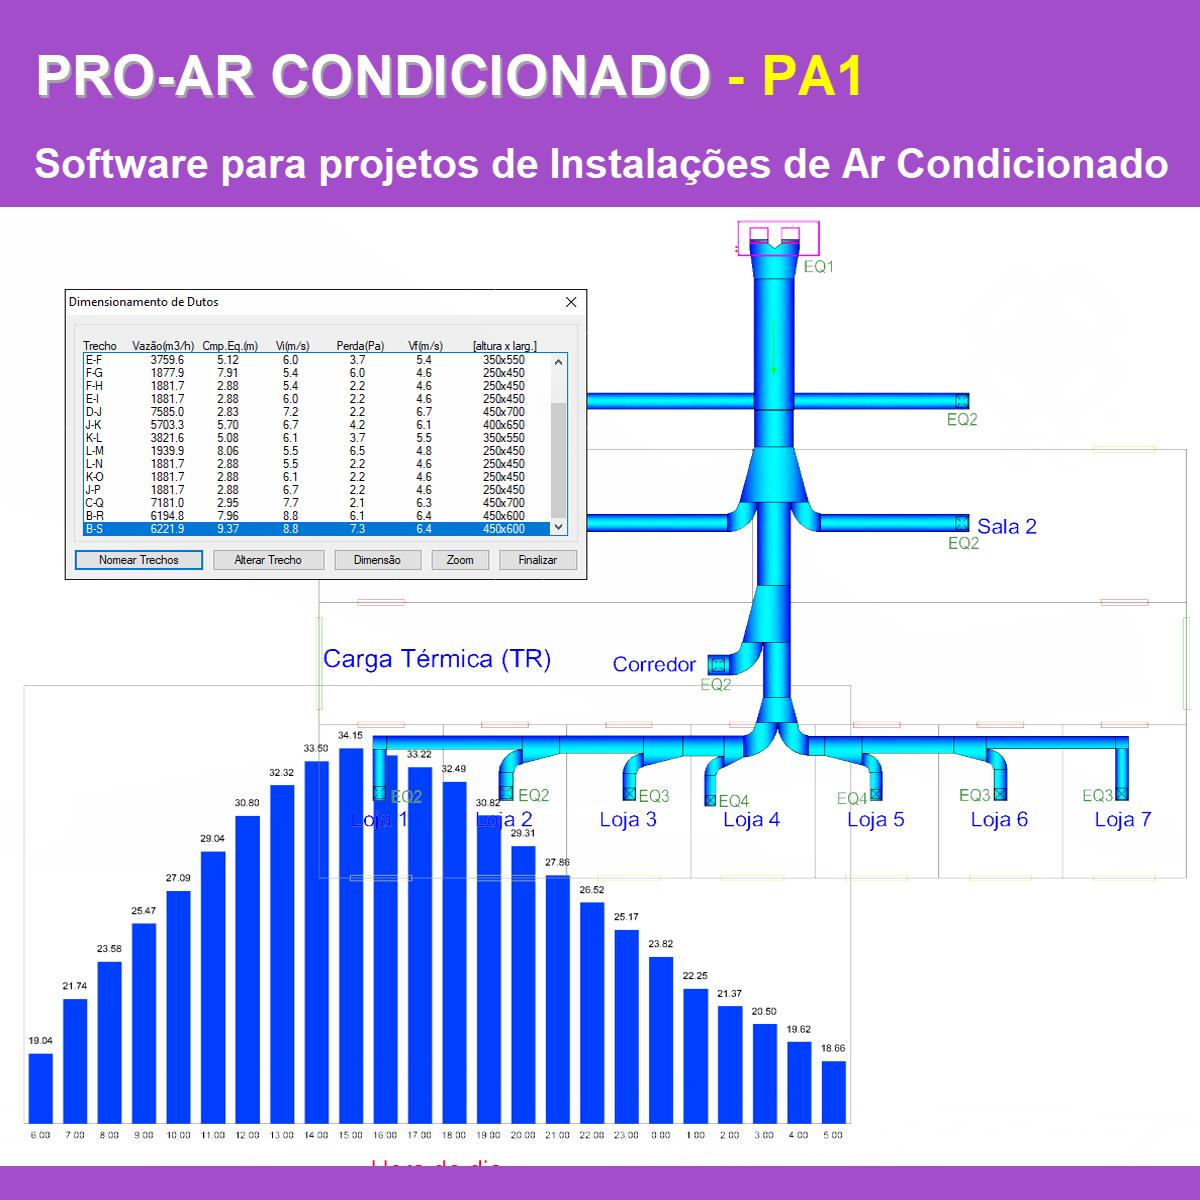 Software PRO-Ar Condicionado versão 19 Pacote PA1